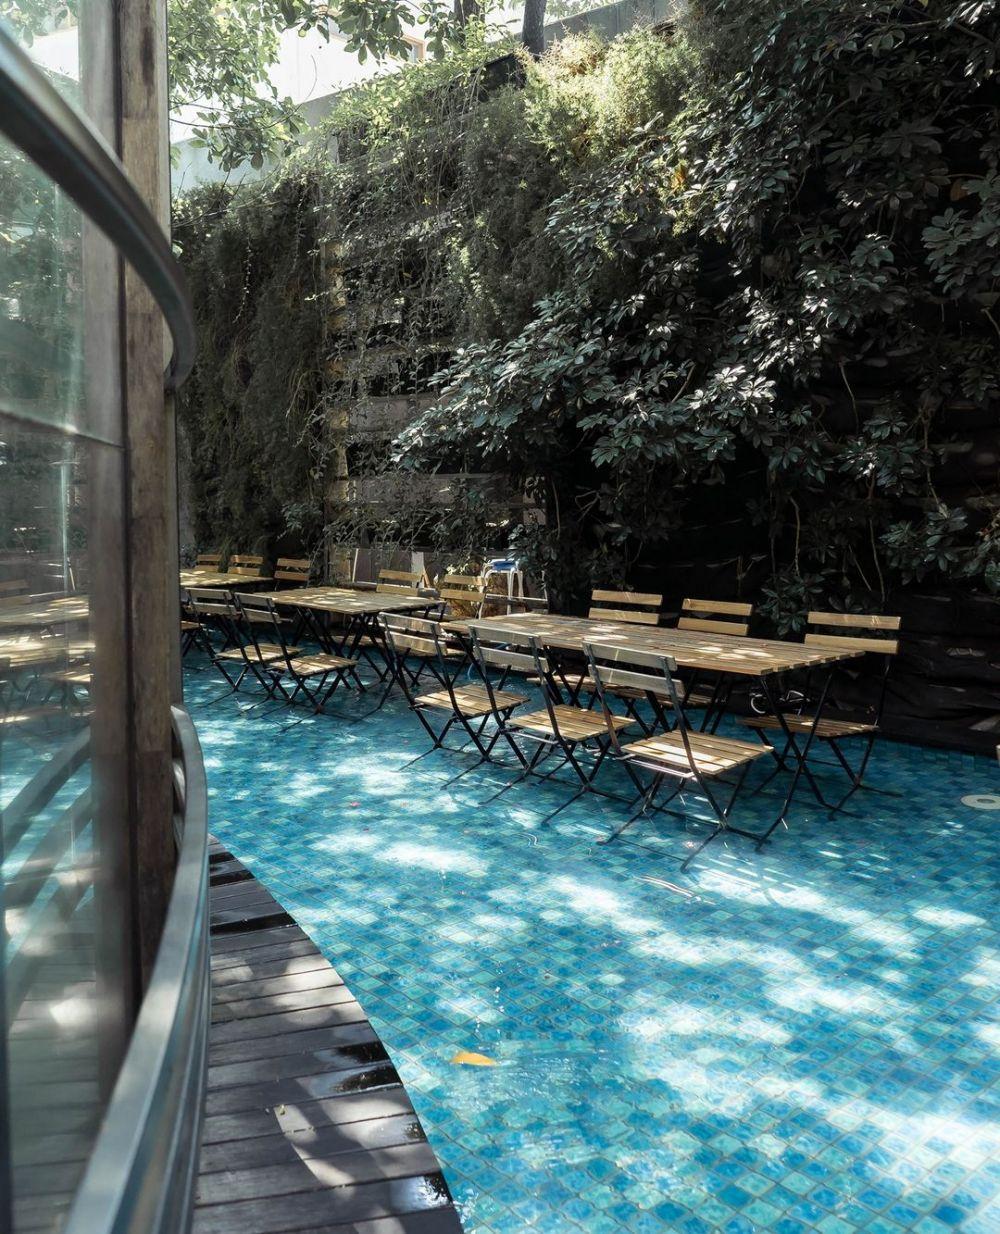 5 Kafe di Bandung ala Secret Garden, Yakin Gak Mau Mampir?